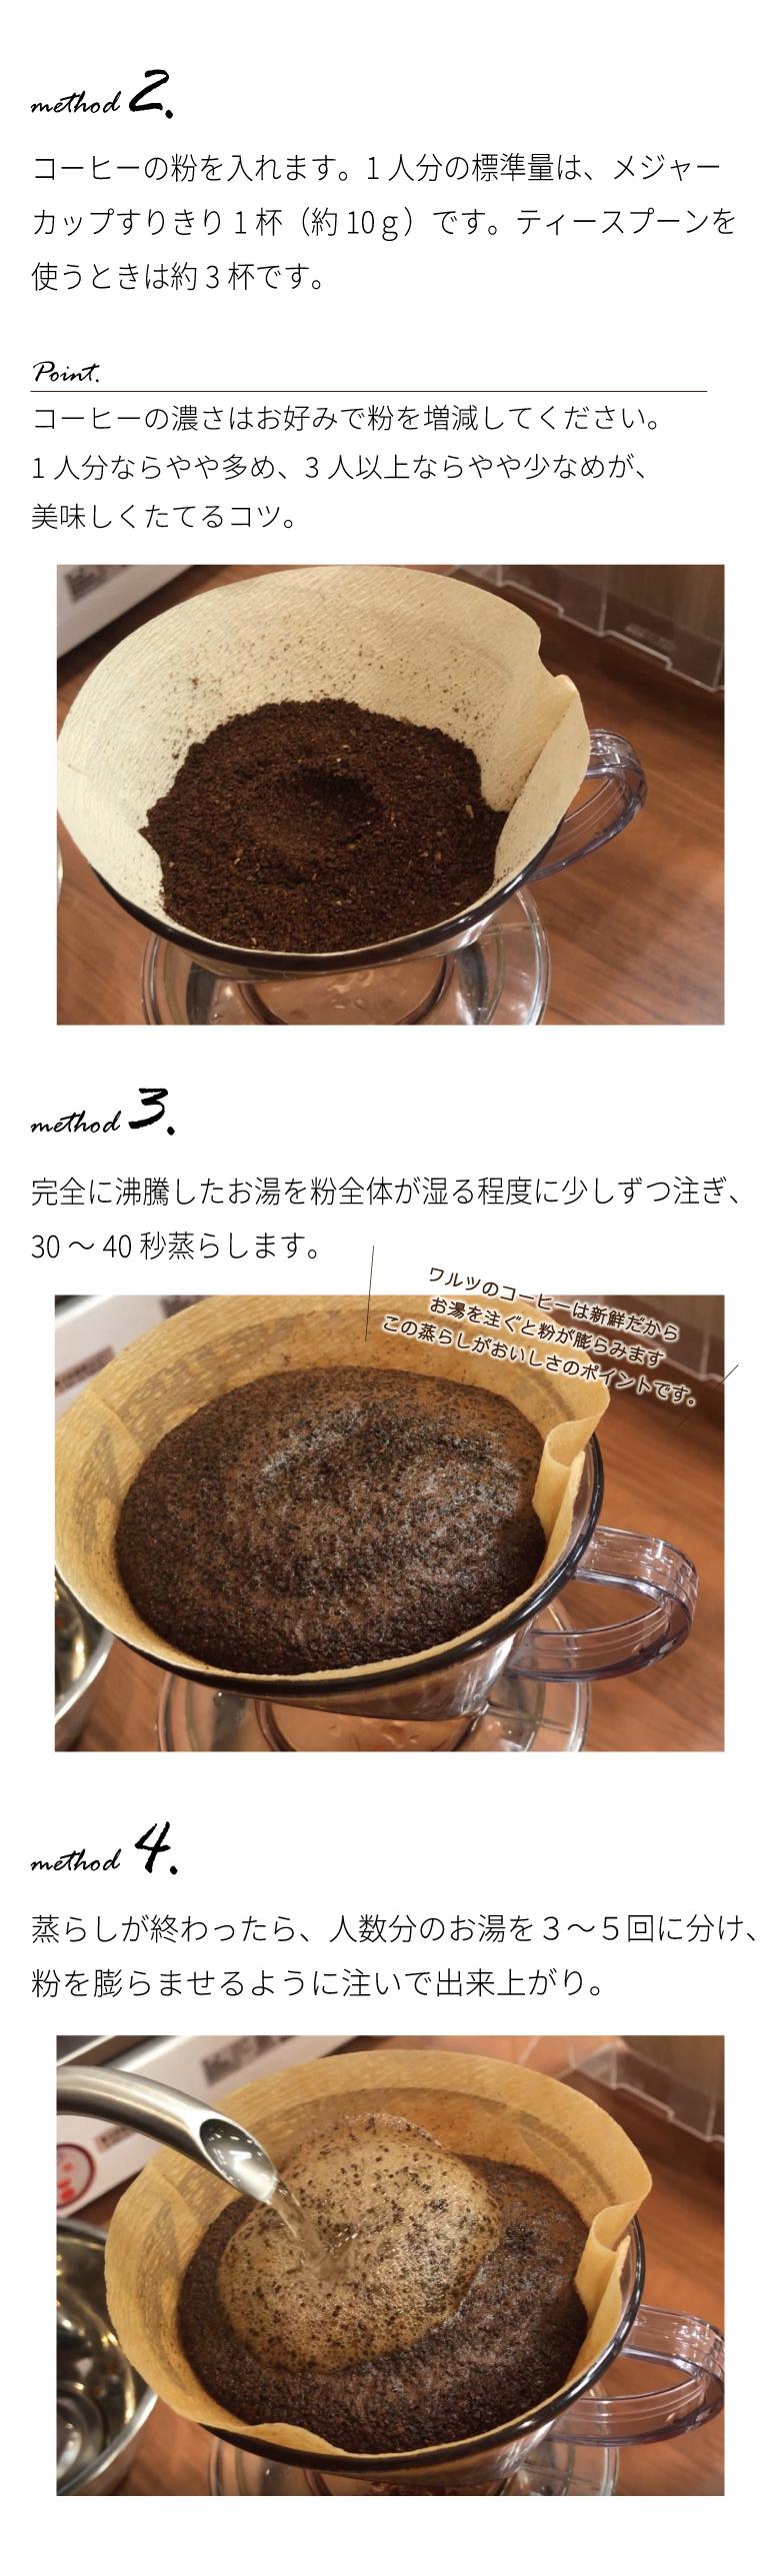 コーヒーの入れ方_2